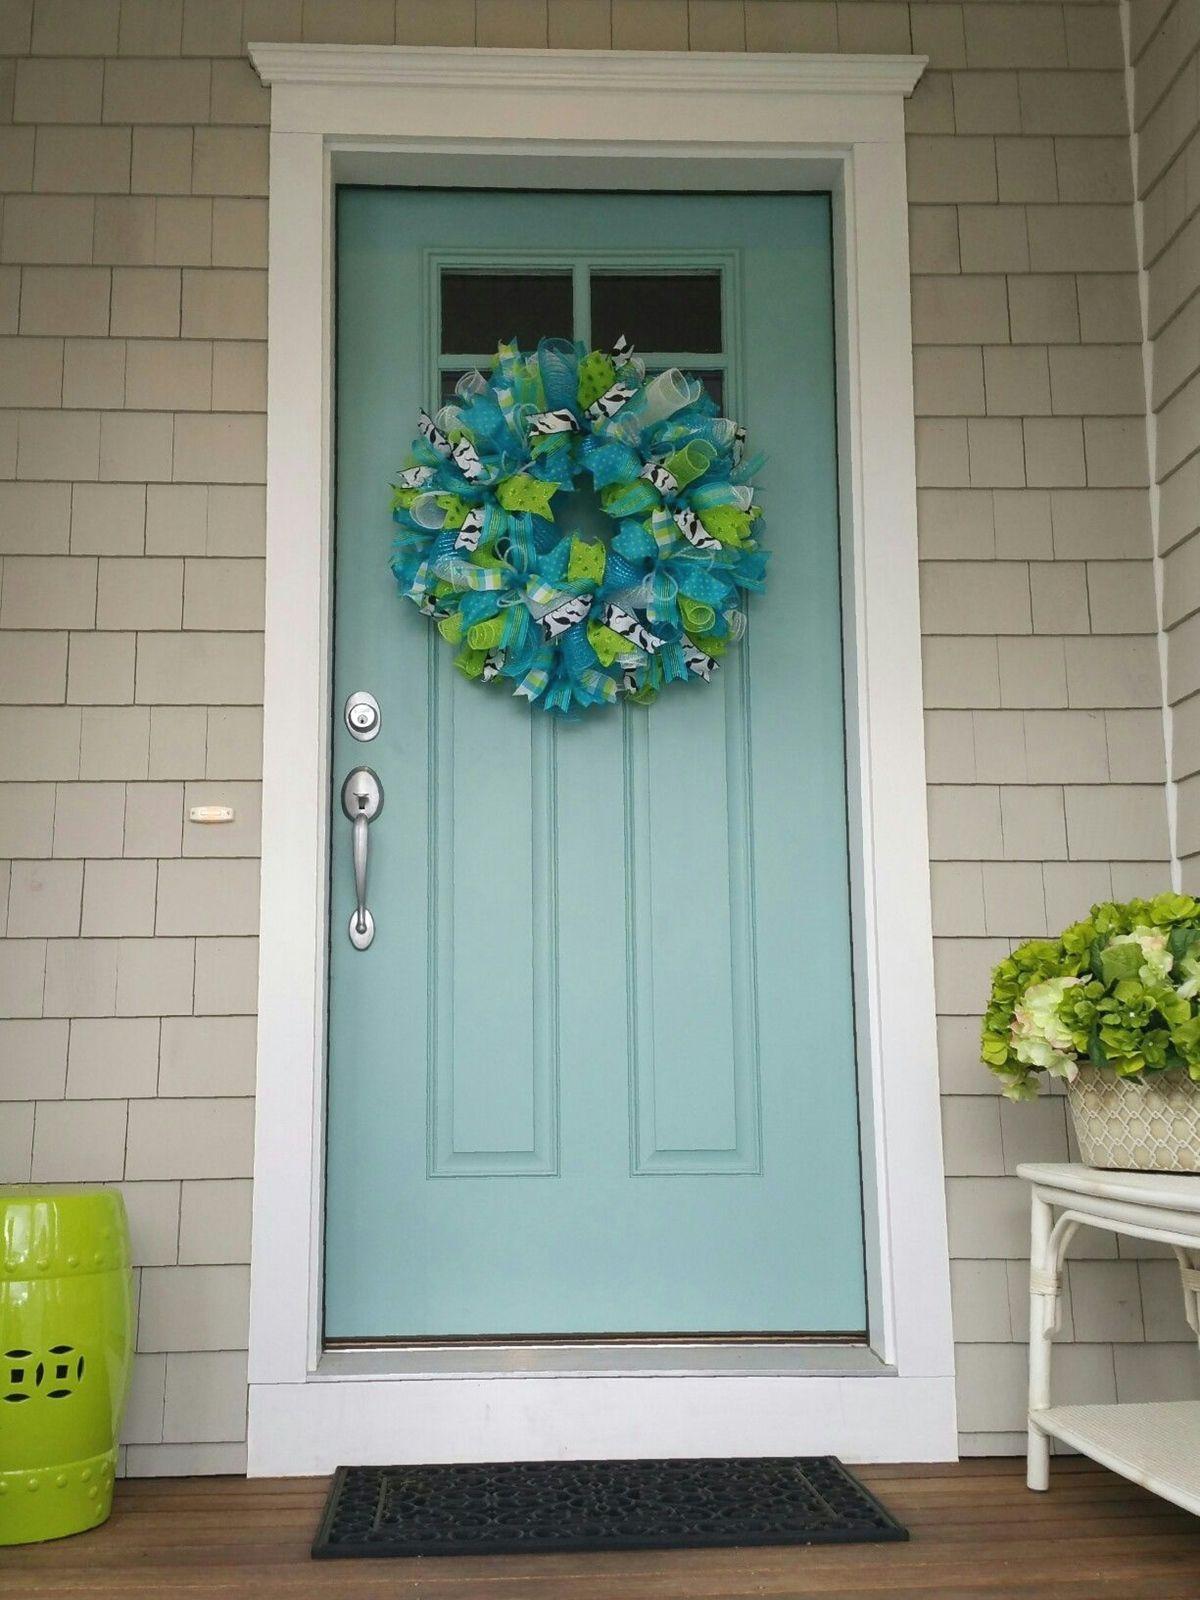 Remodeling ideas for your garage   Front door paint colors ... on Garage Door Paint Ideas  id=45704